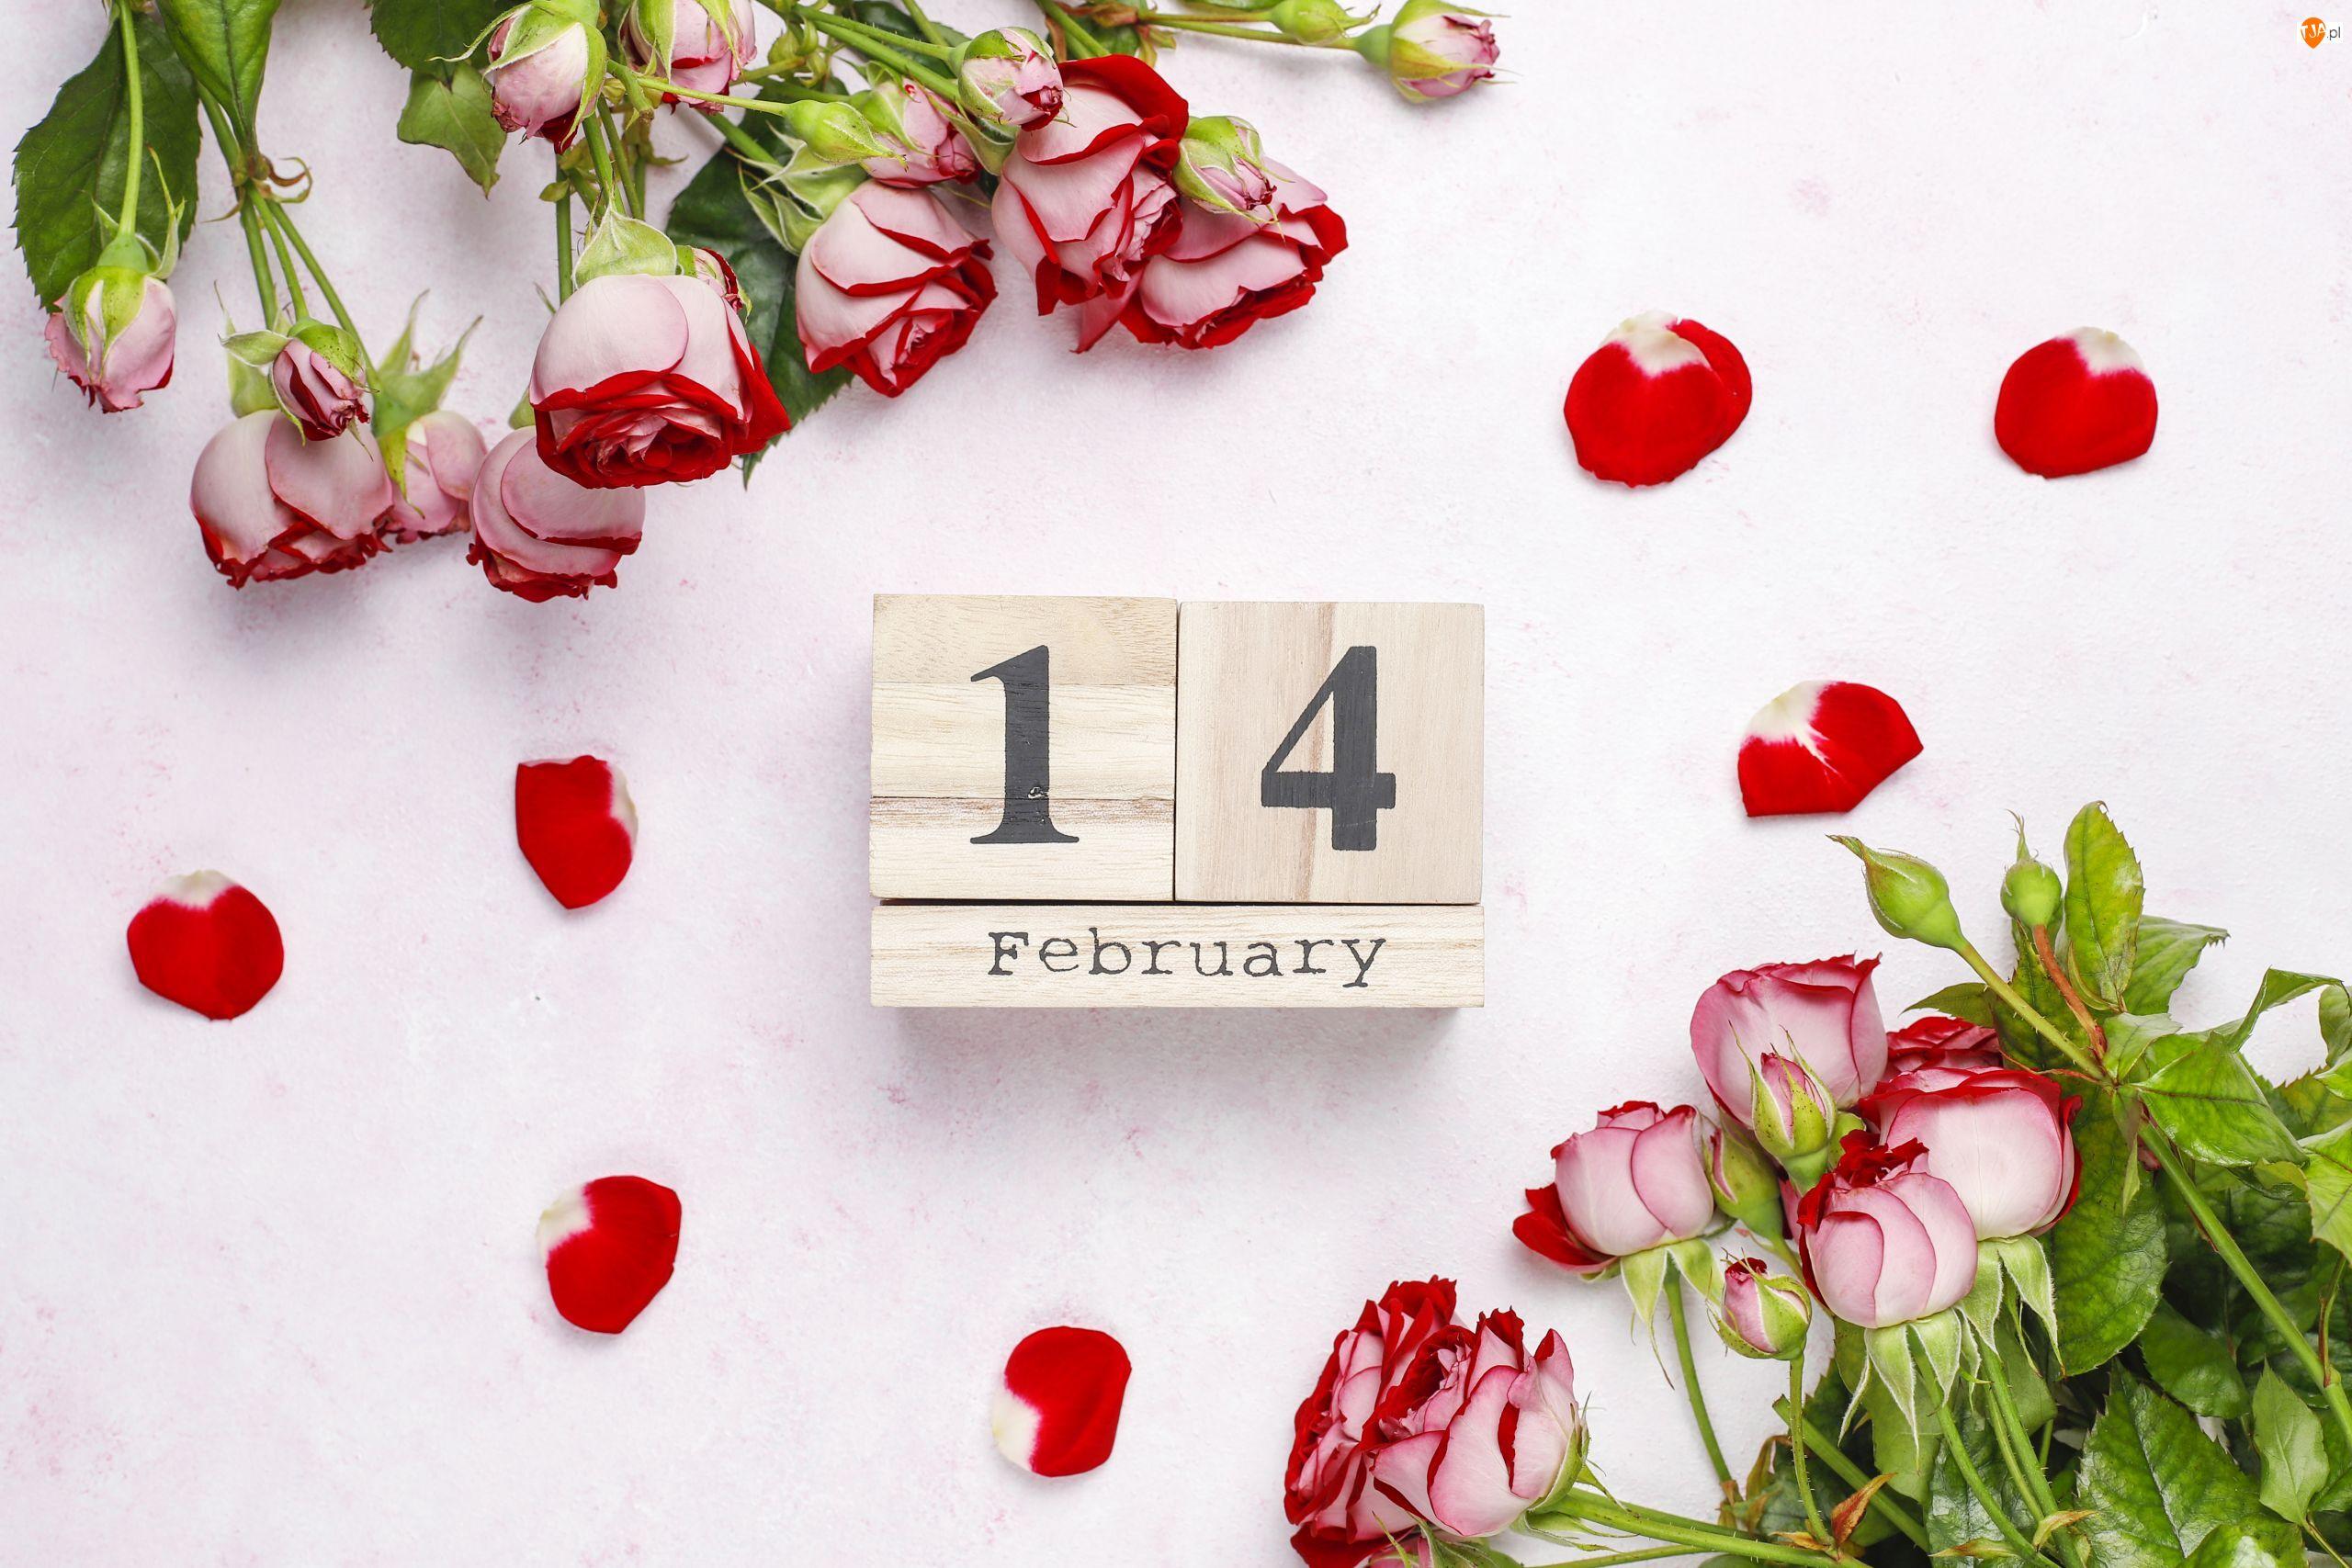 Róże, Kwiaty, Data, Walentynki, Klocki, 14 luty